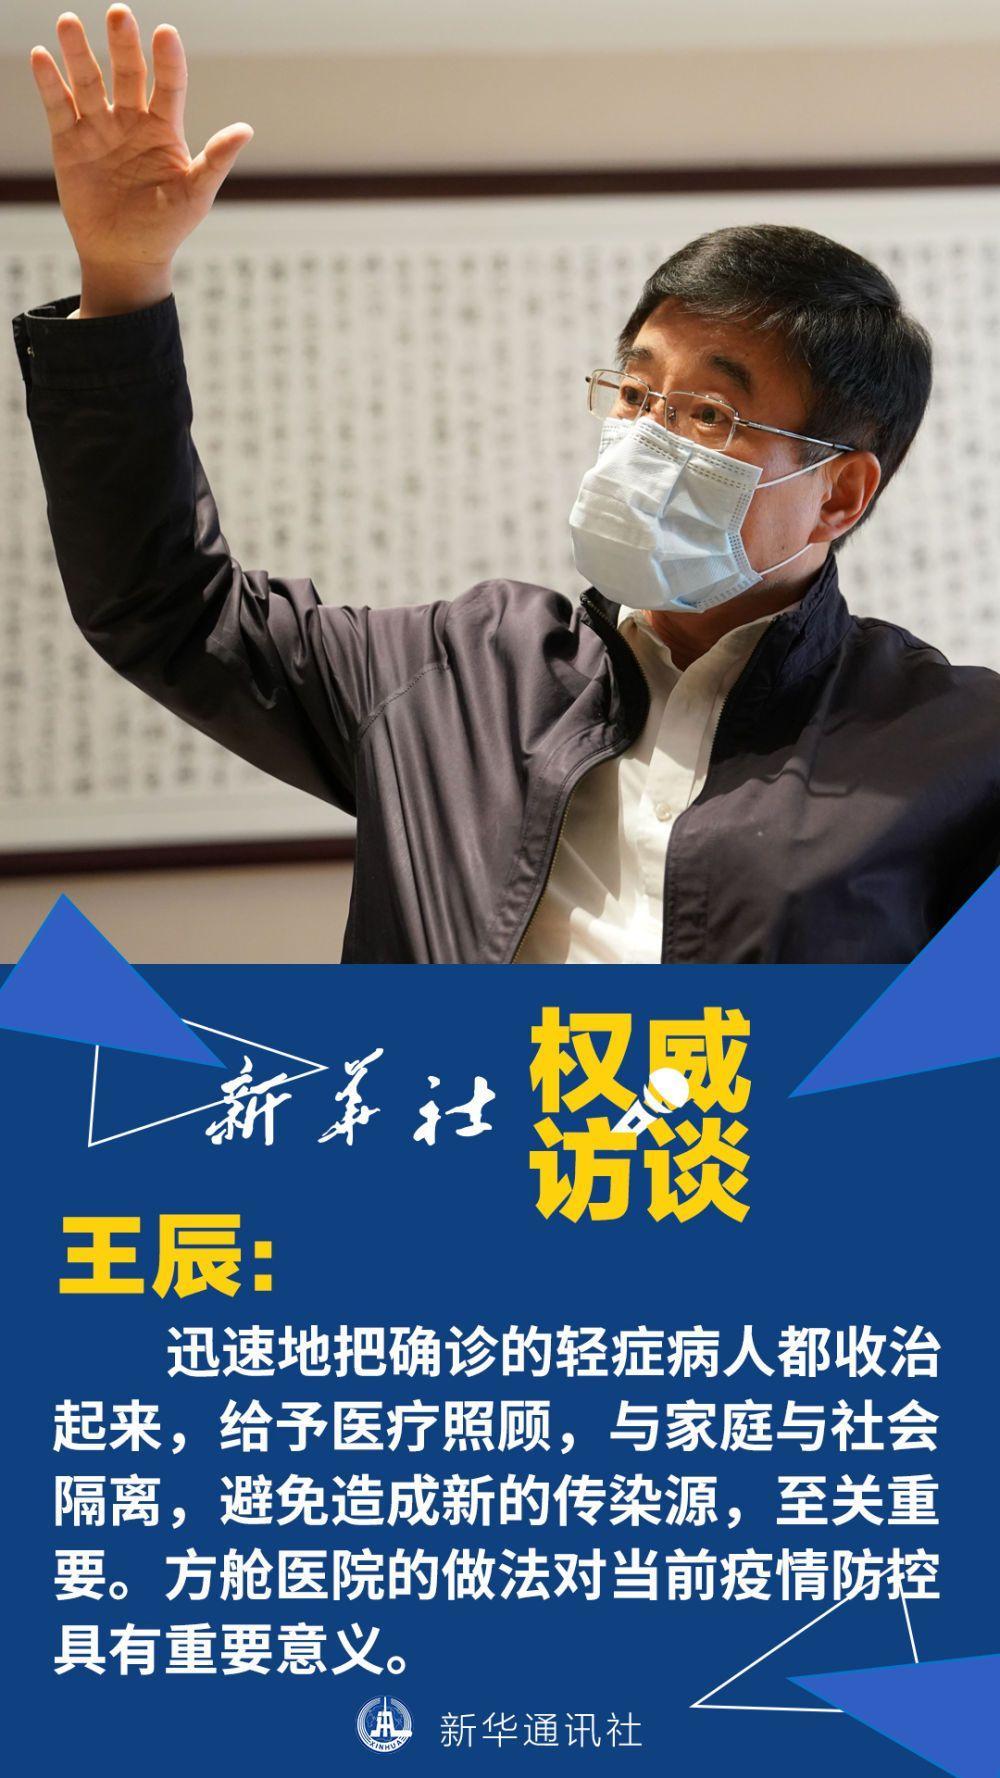 中国工程院副院长、呼吸与危重症医学专家王辰回应武汉疫情防控核心问题